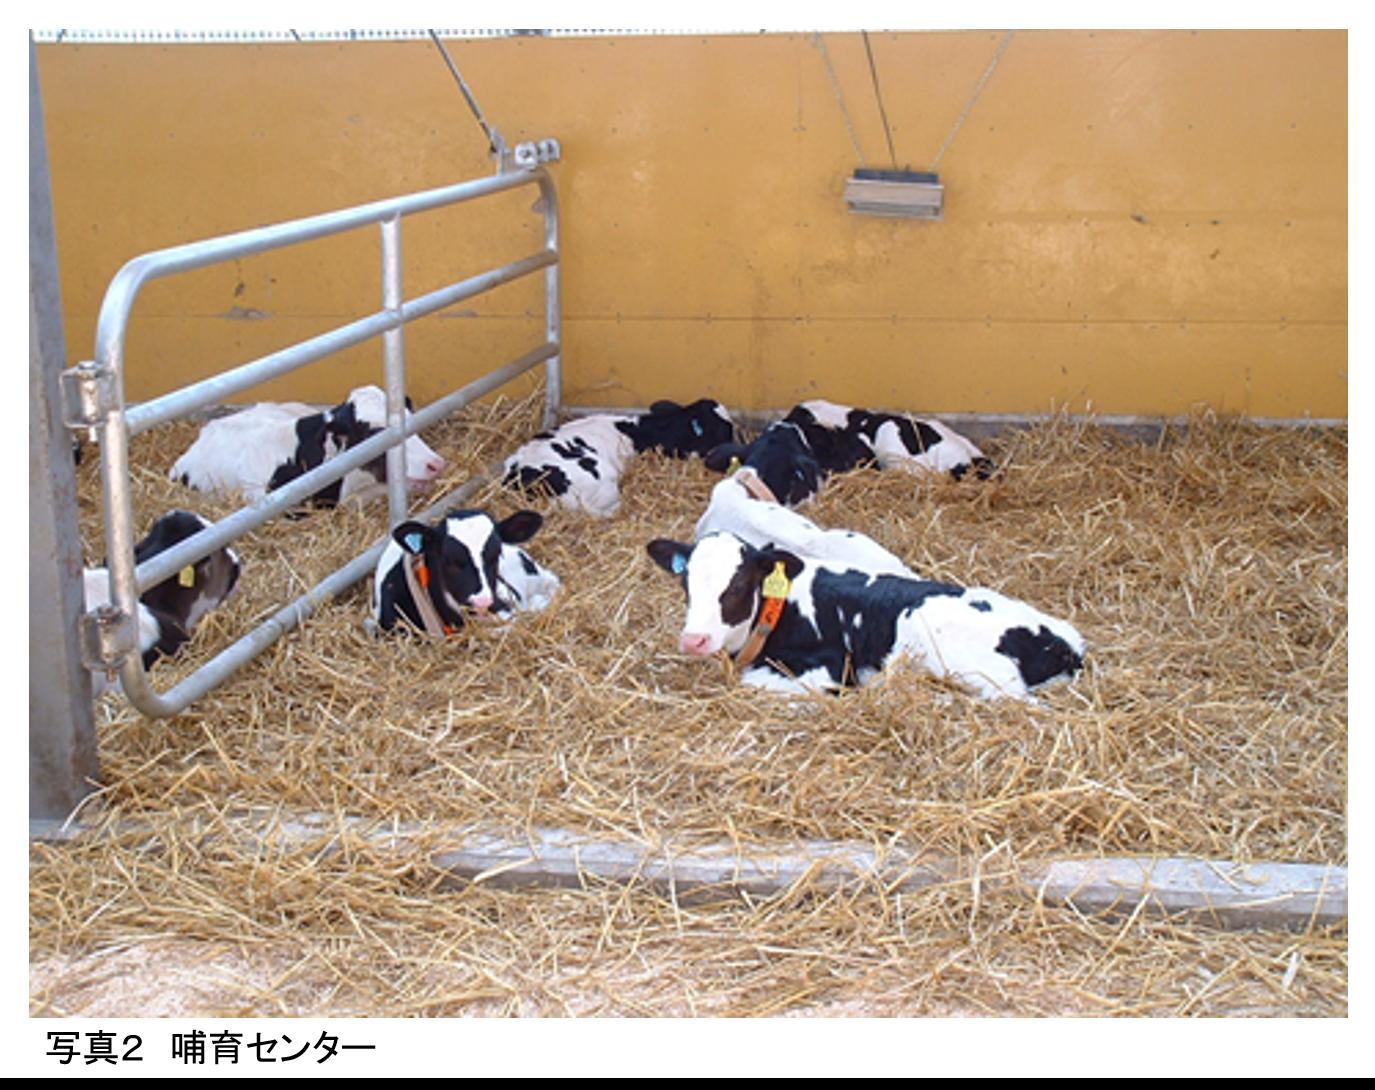 農場のバイオセキュリティを考える ≪第1回≫農場の防疫対策